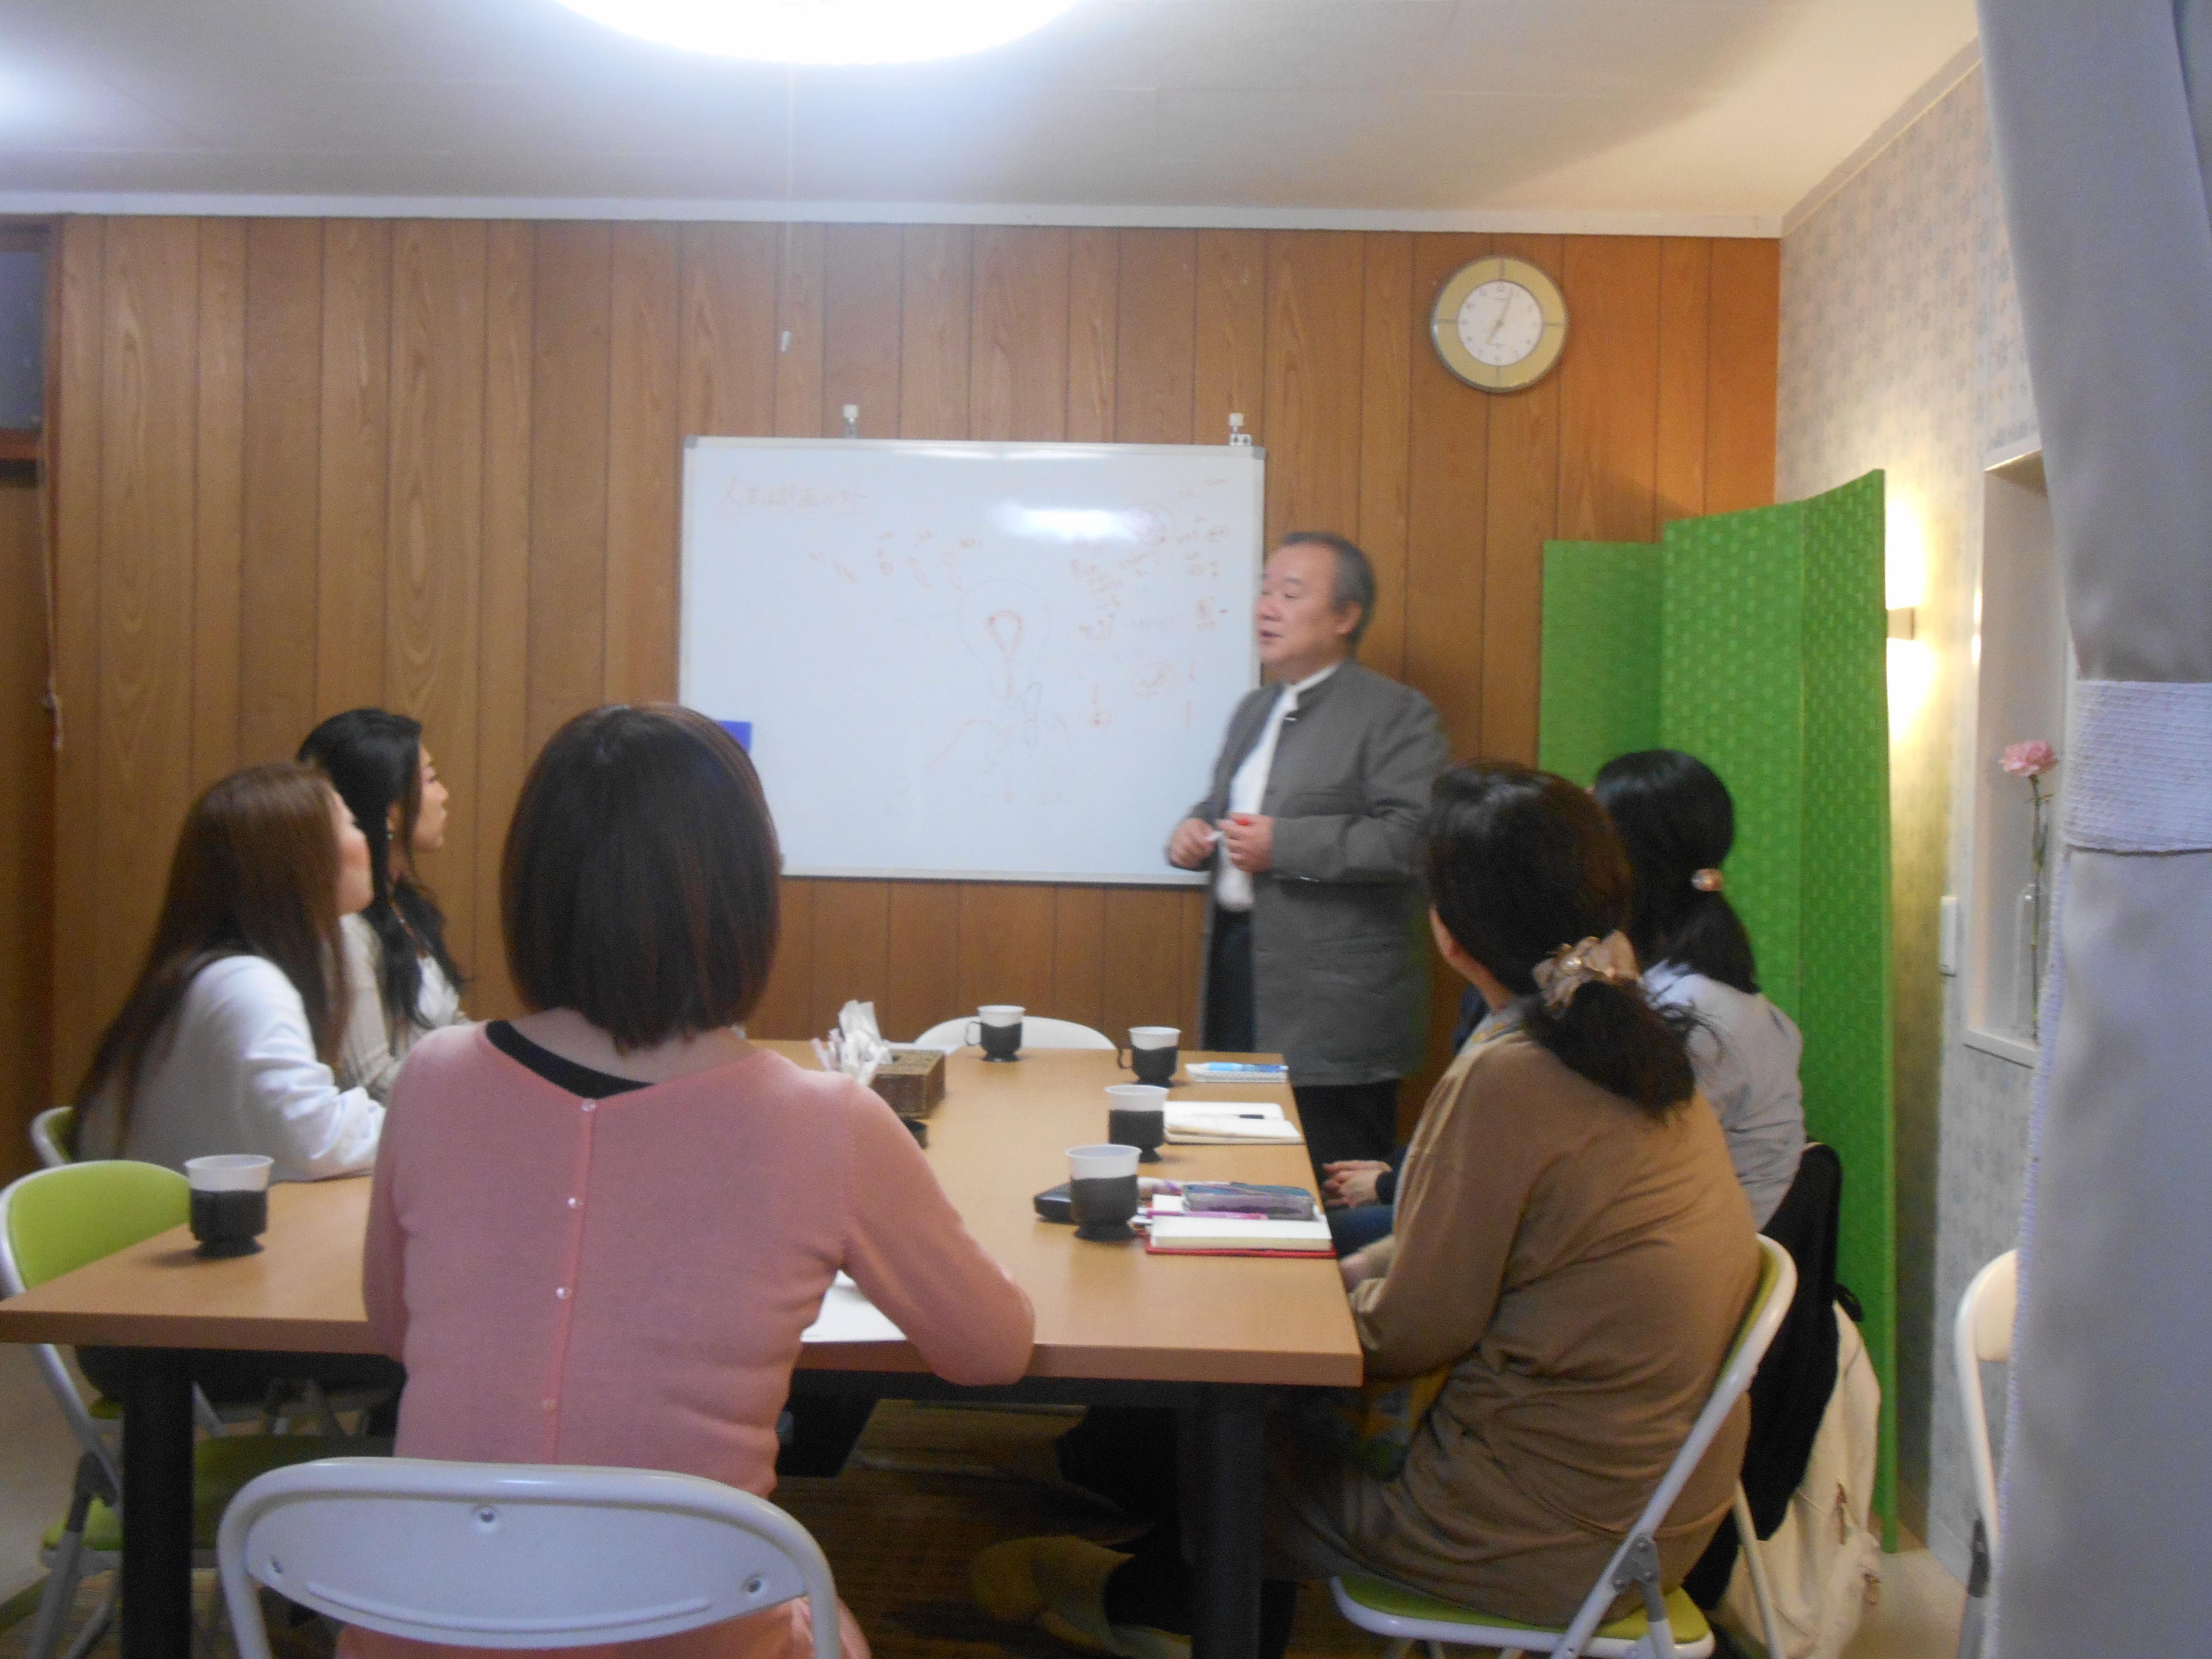 DSCN1176 1 - 愛の子育て塾14期第4講座